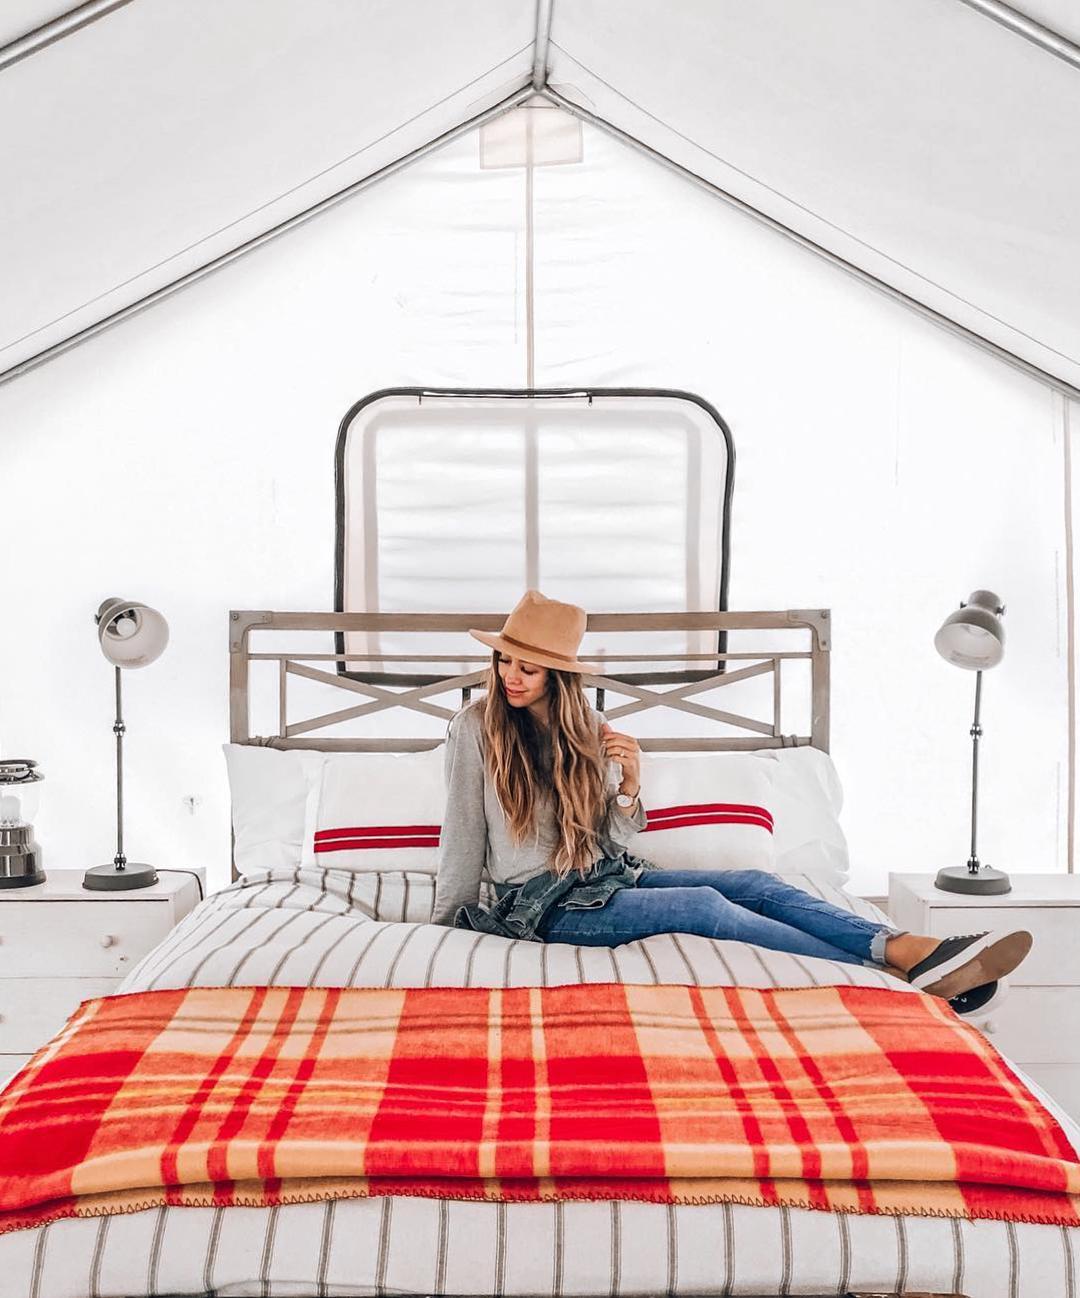 浪漫的野外露营 帐篷酒店门多西诺格罗夫